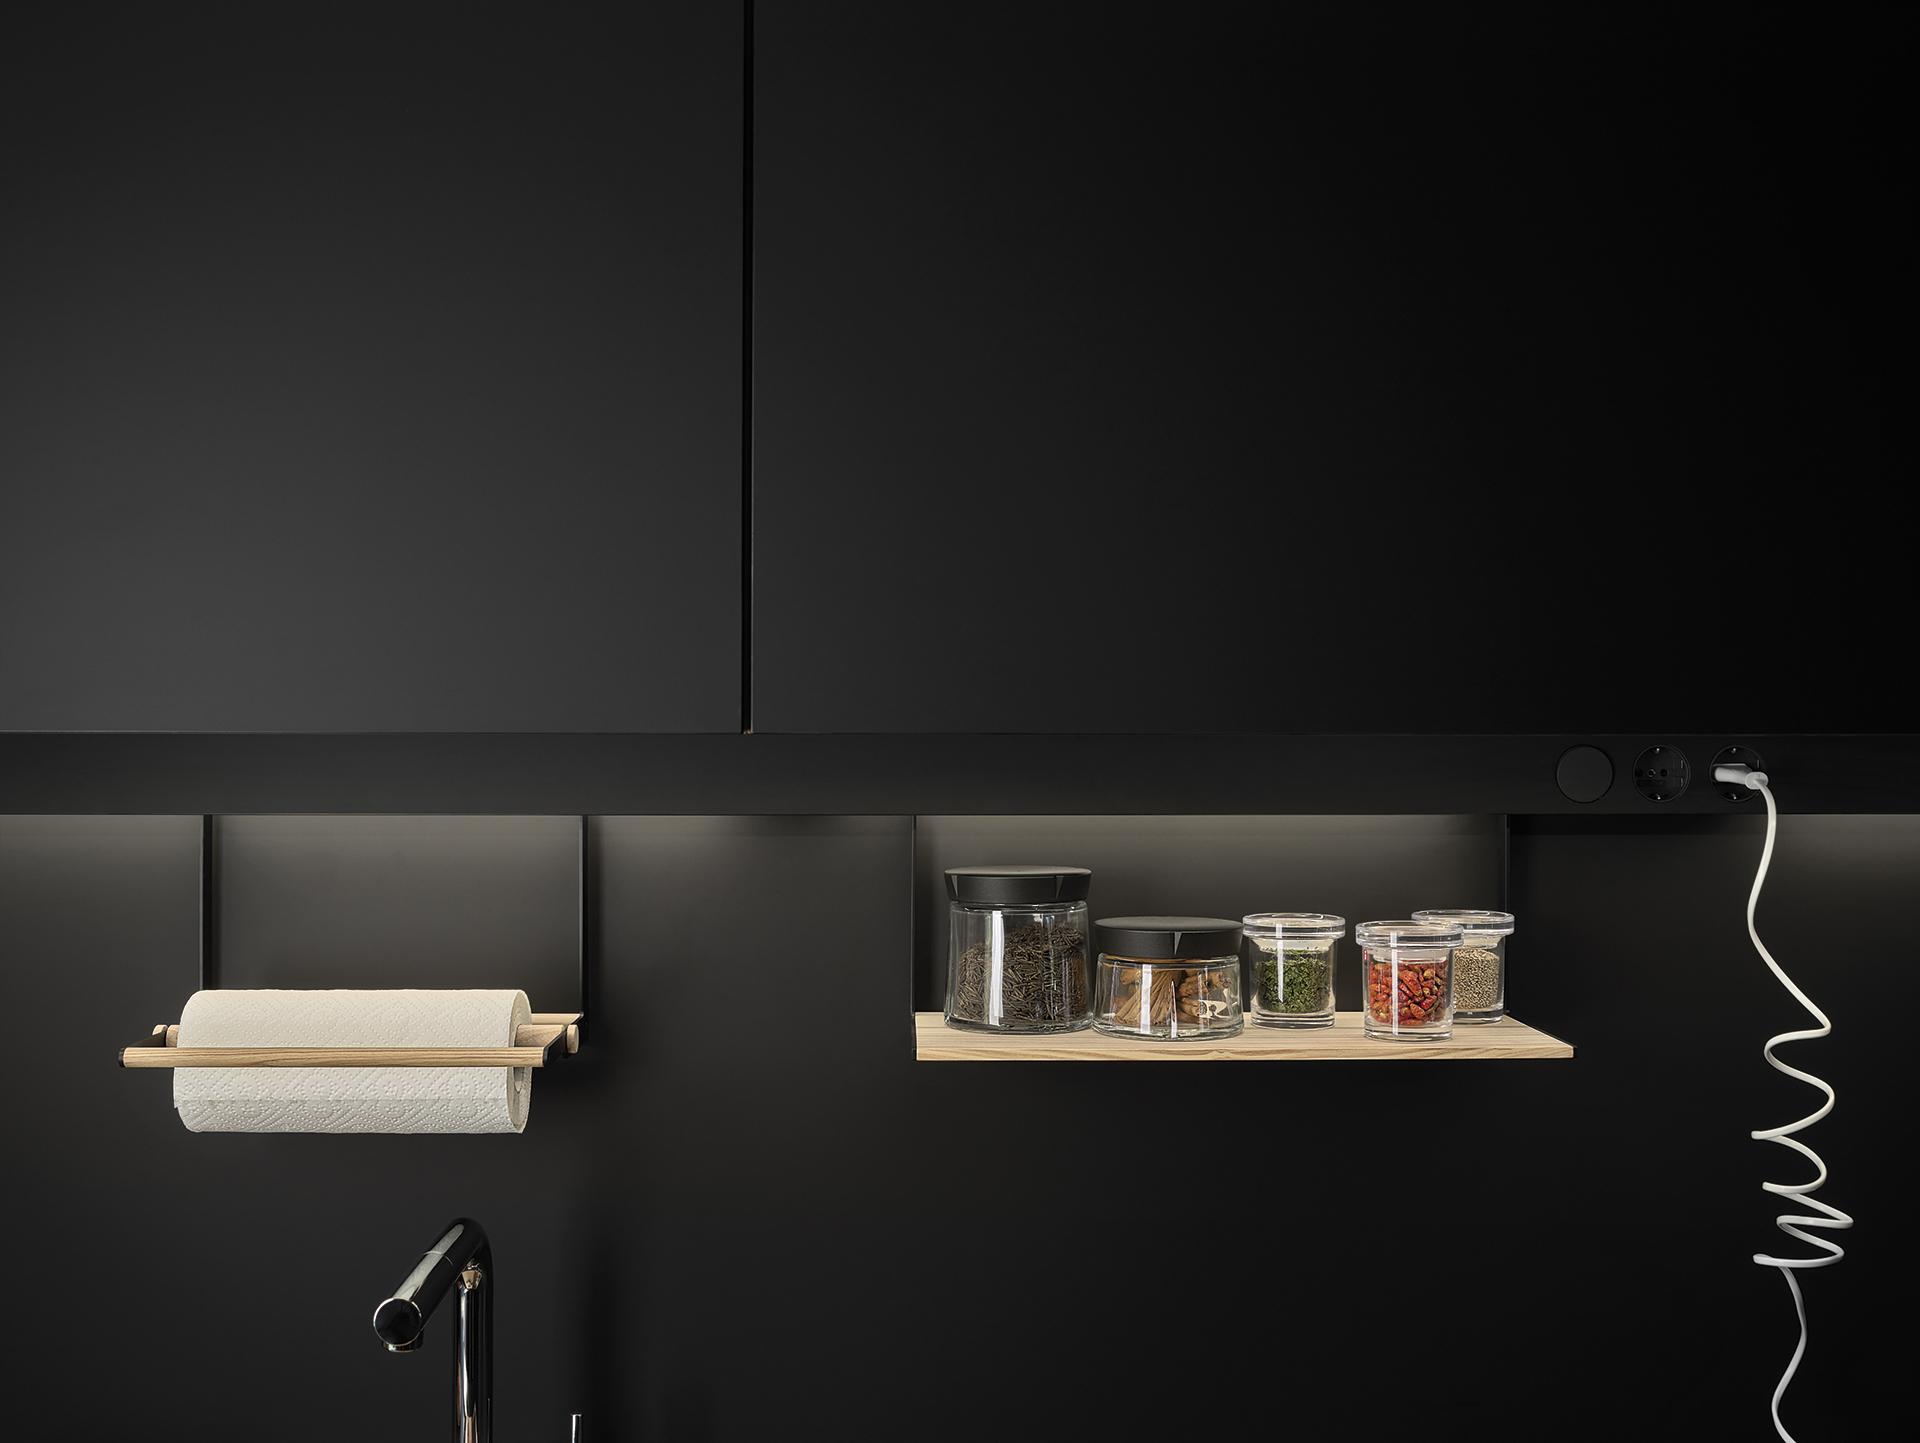 Image iluminacion-led-muebles-de-cocina-diseno-santos-santiago-interiores-02